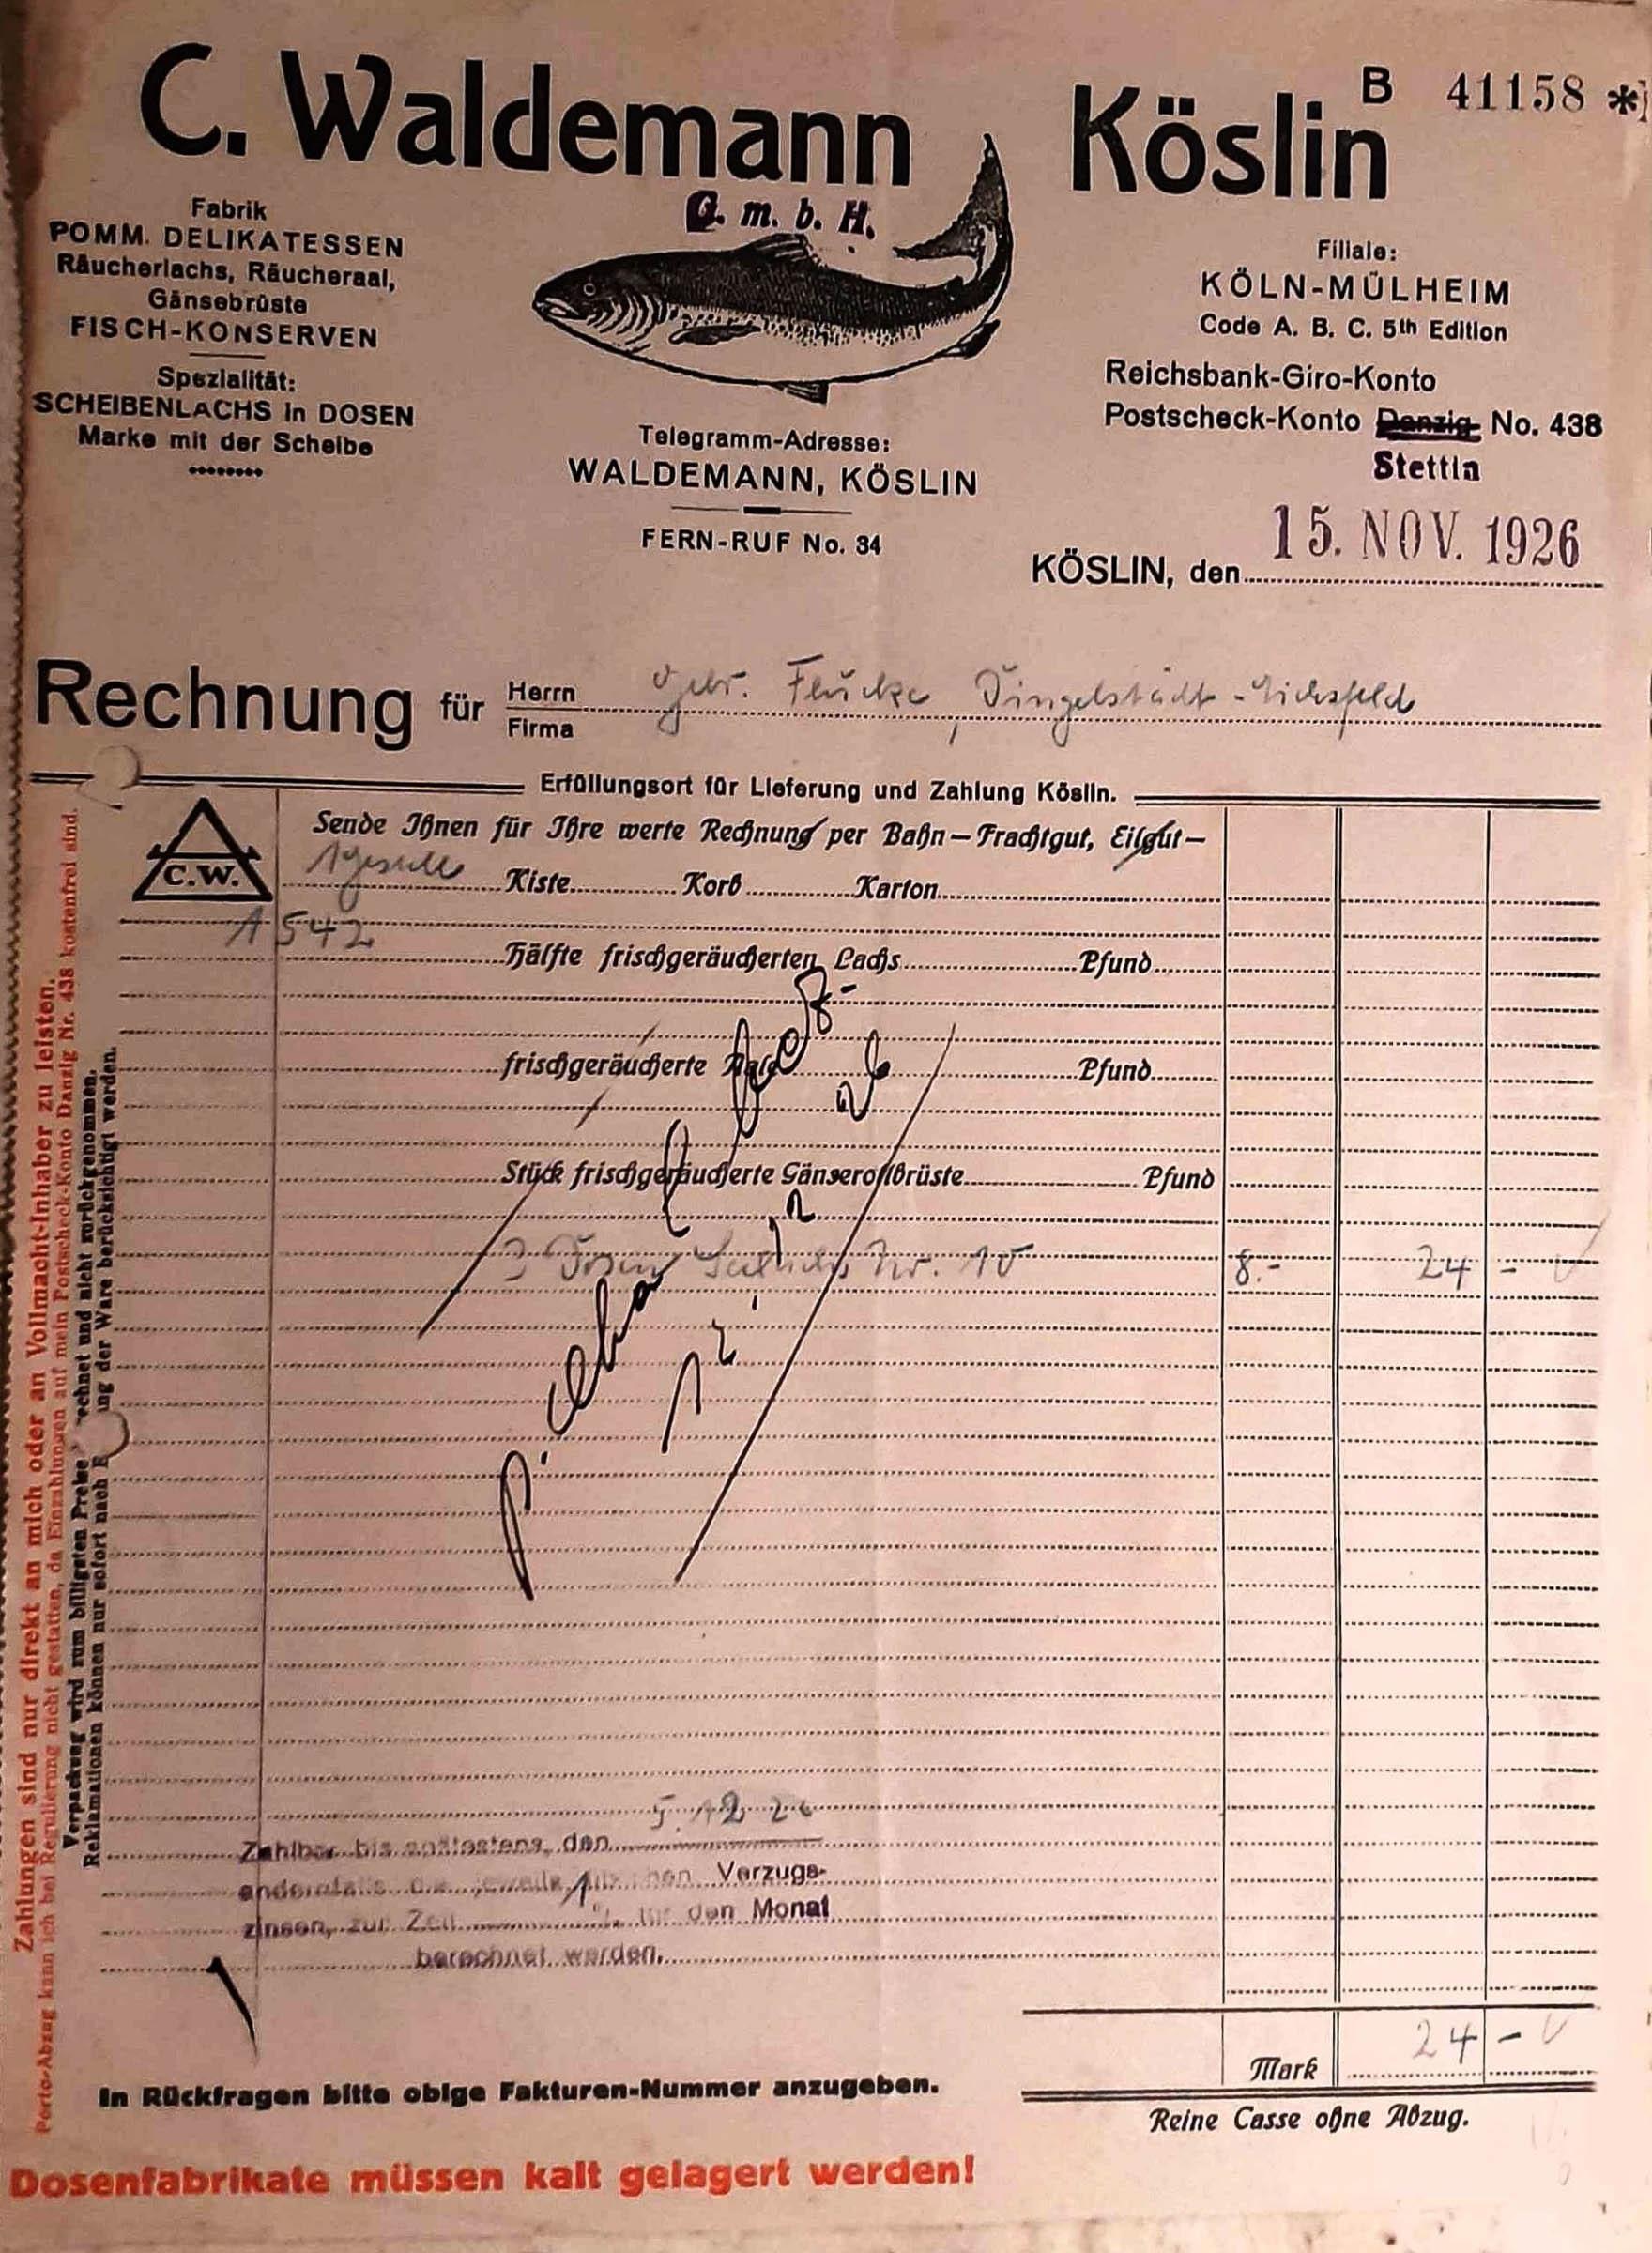 Rachunek, który dał początek niniejszej opowieści. Dokument został wystawiony przez Fabrykę Carla Waldemanna 15 listopada 1926 r. i potwierdza zakup puszek z konserwowym łososiem (ze zbiorów Studia Reklamy Kruart).